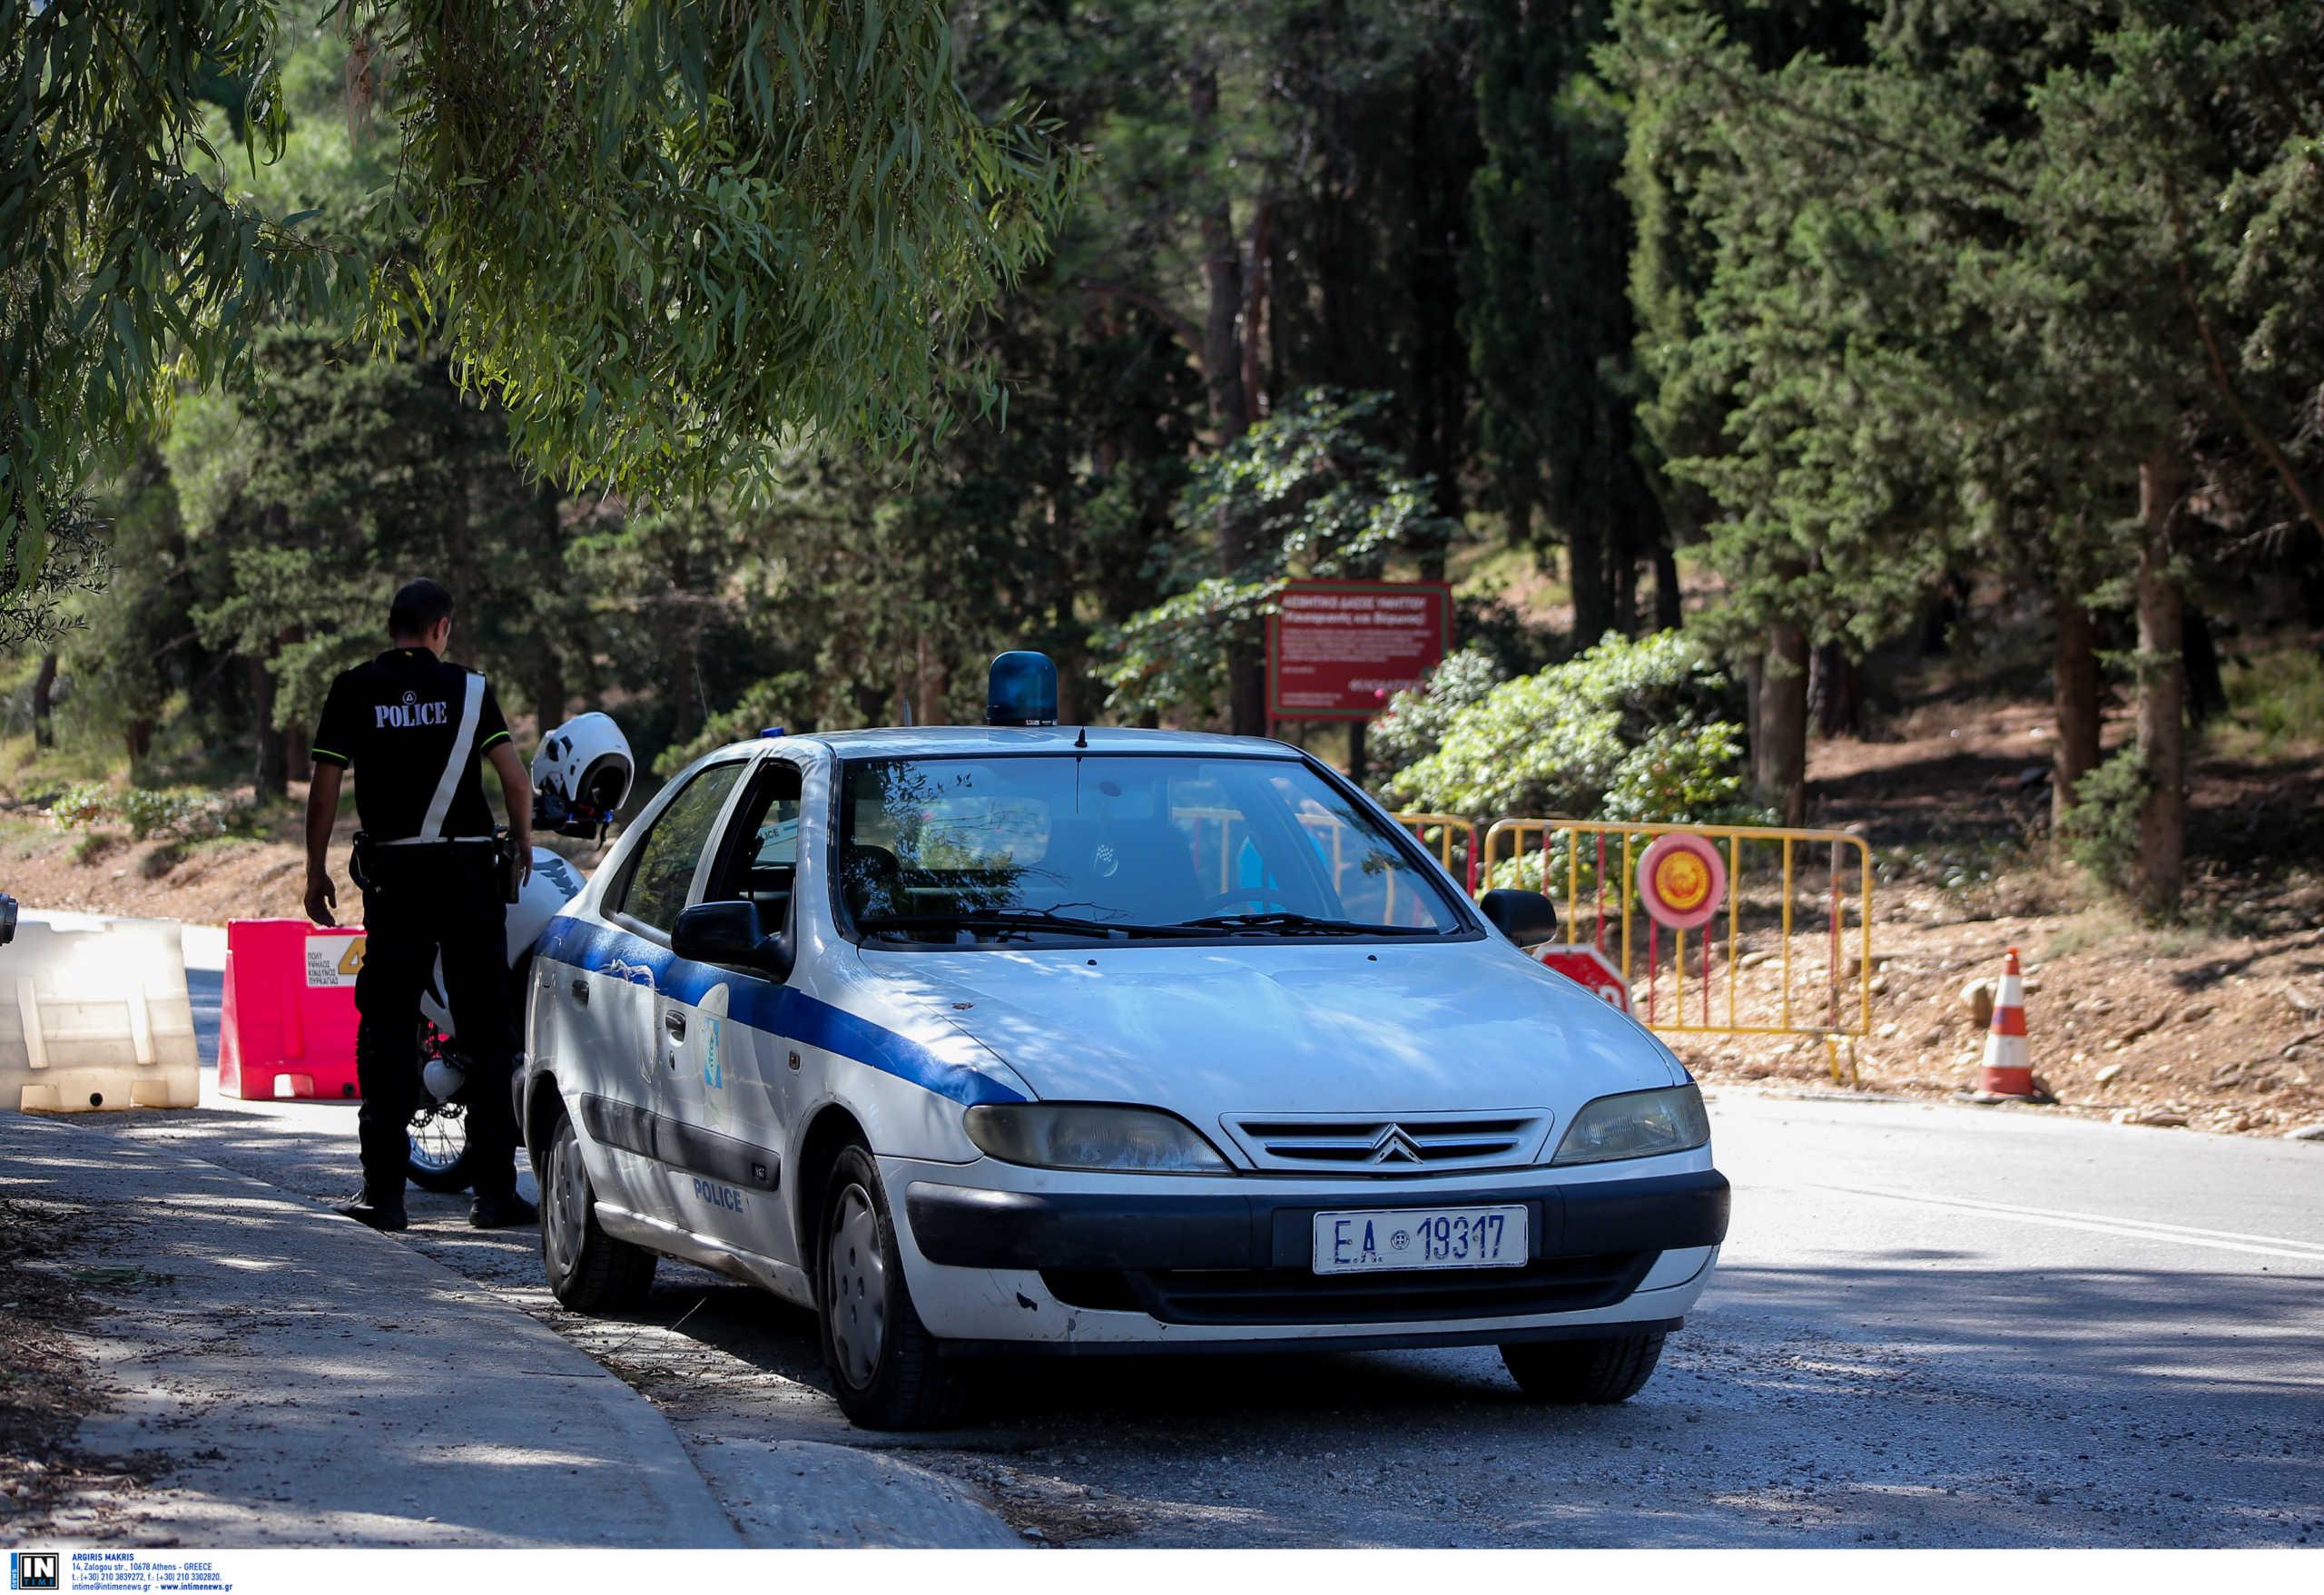 Συνελήφθη τζιχαντιστής στην Τρίπολη – Συναγερμός στην Αντιτρομοκρατική